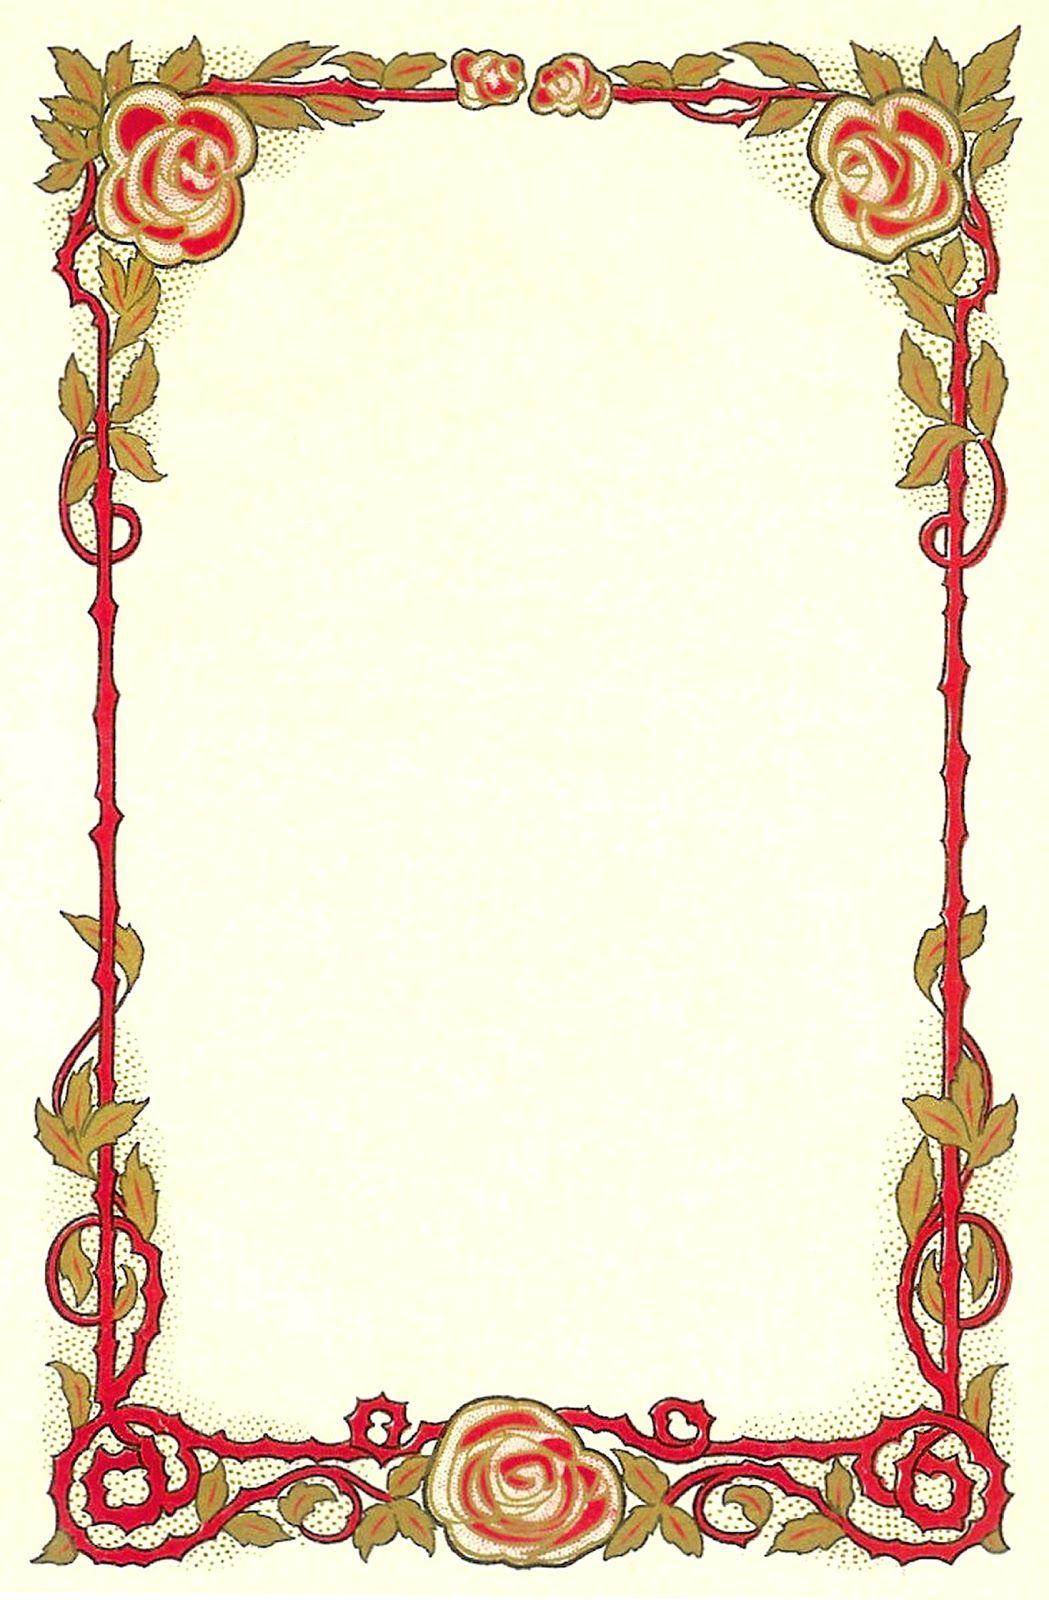 Antique Images: Flower Clip Art: Vintage Graphic of Red Rose Frame ...